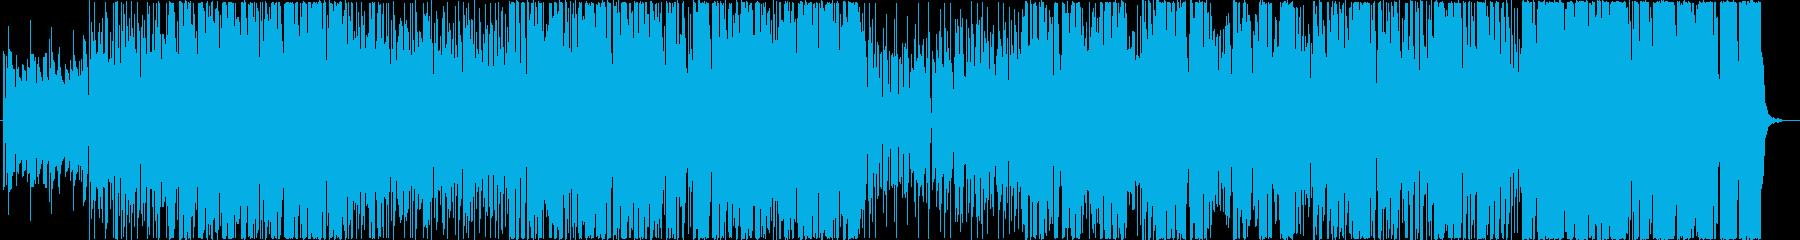 ギターソロが特徴的なファンクサウンドの再生済みの波形